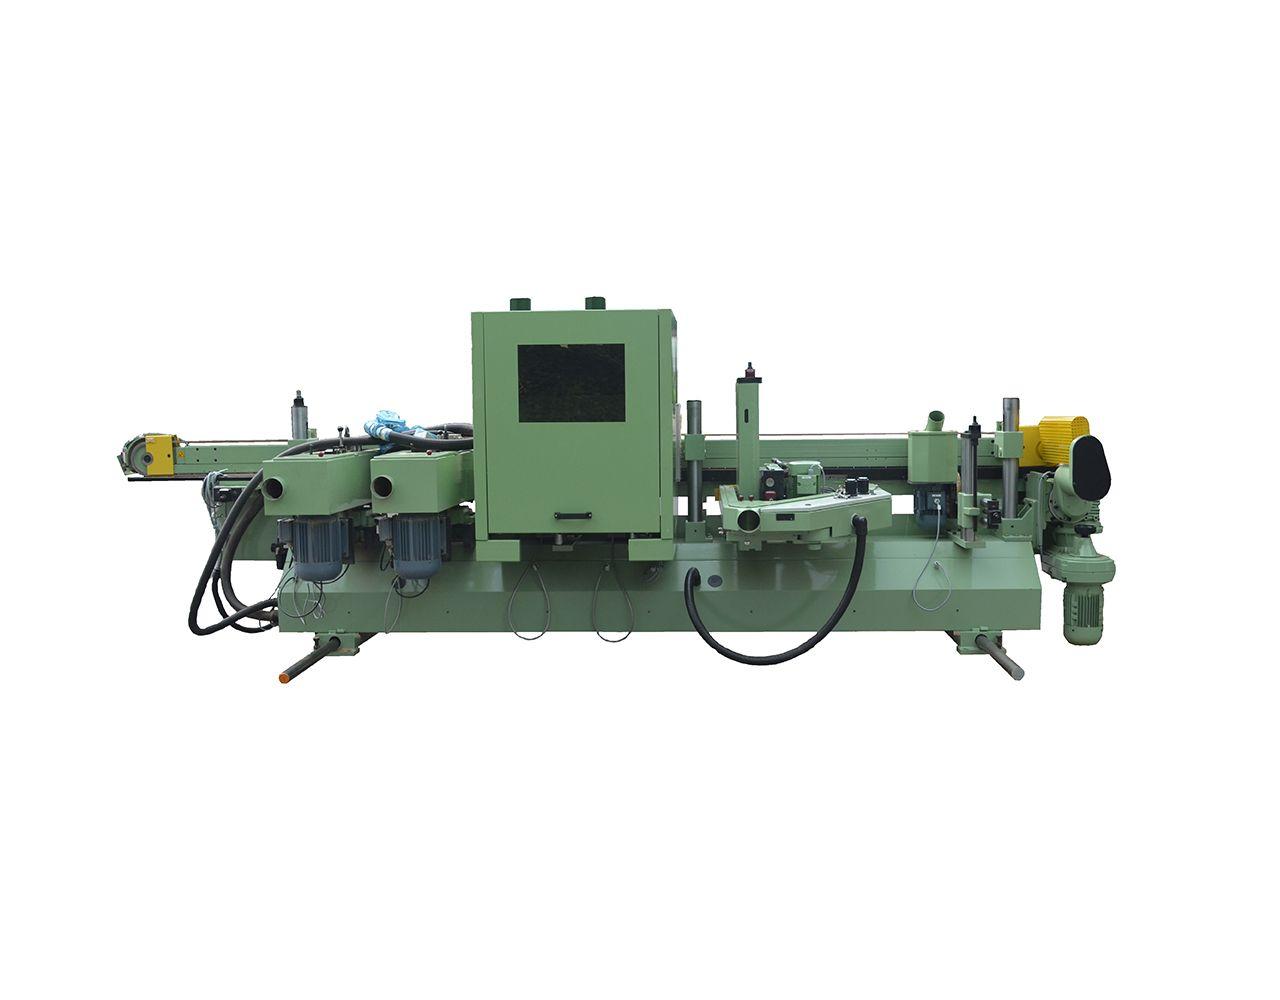 arminius-schleifmittel-start-produkte-gebrauchtmaschinen-slider-1